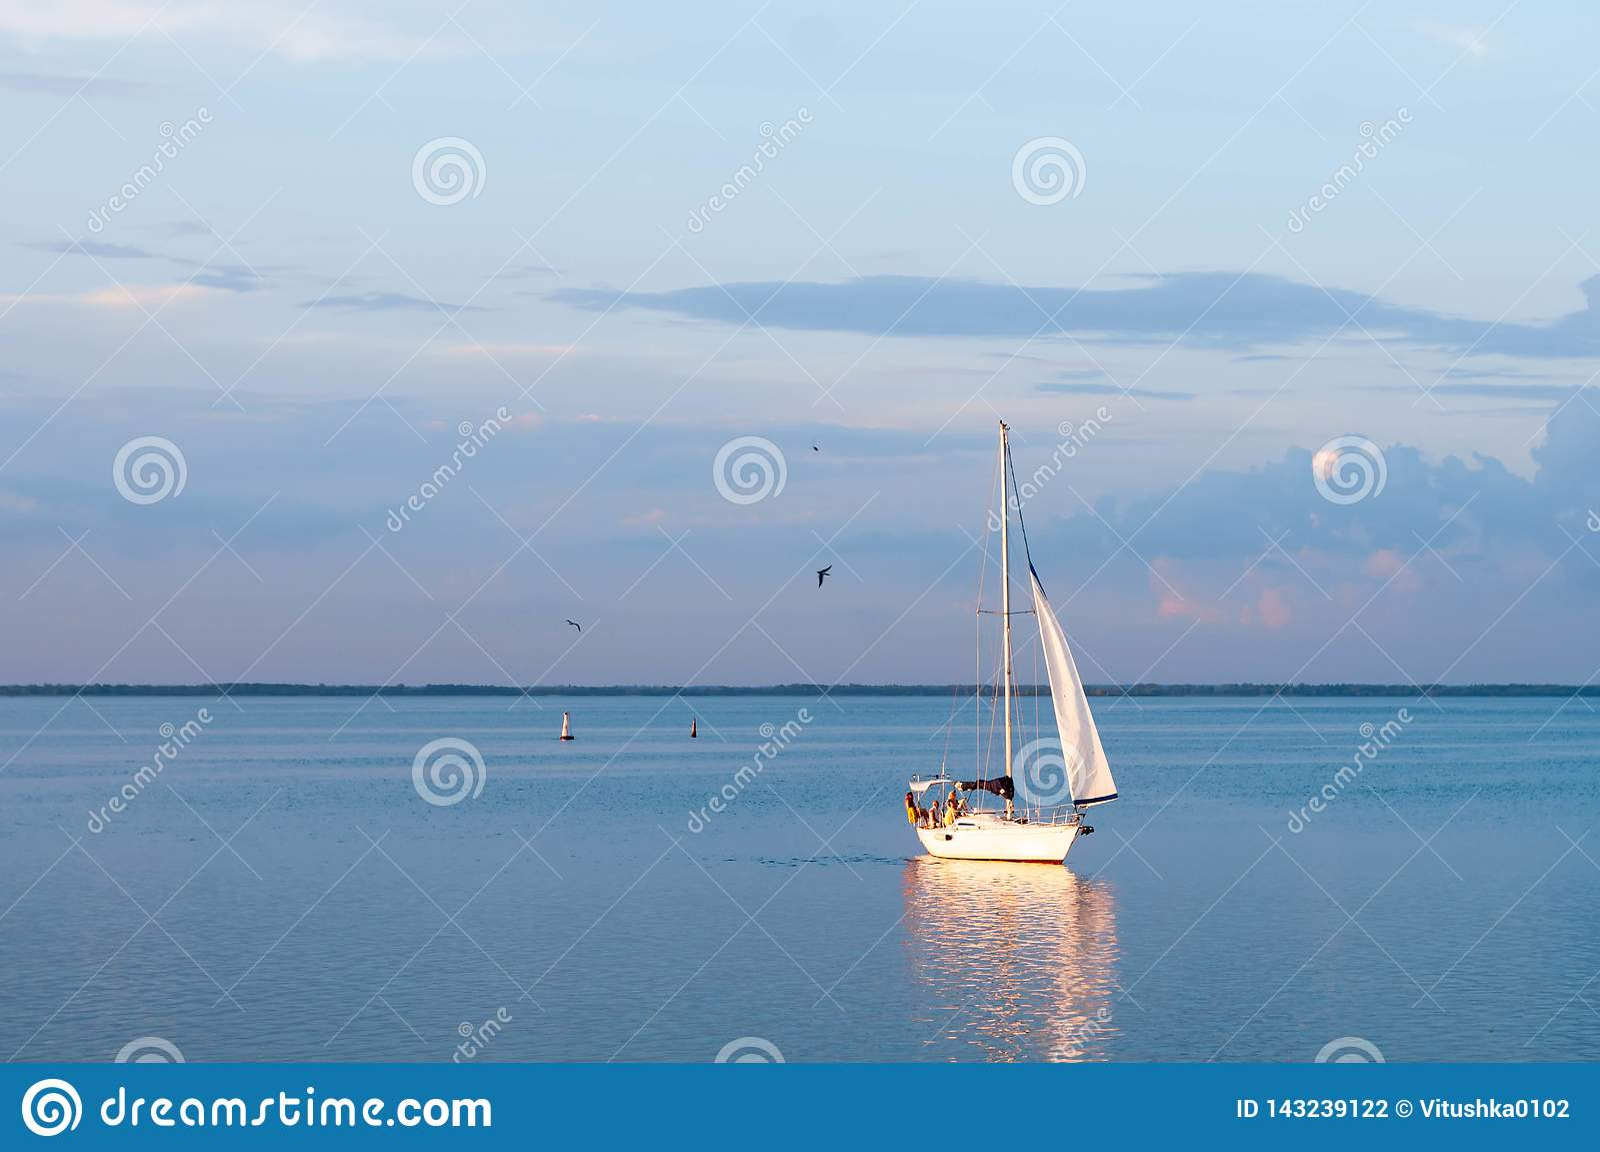 Velas do barco de navigação no rio